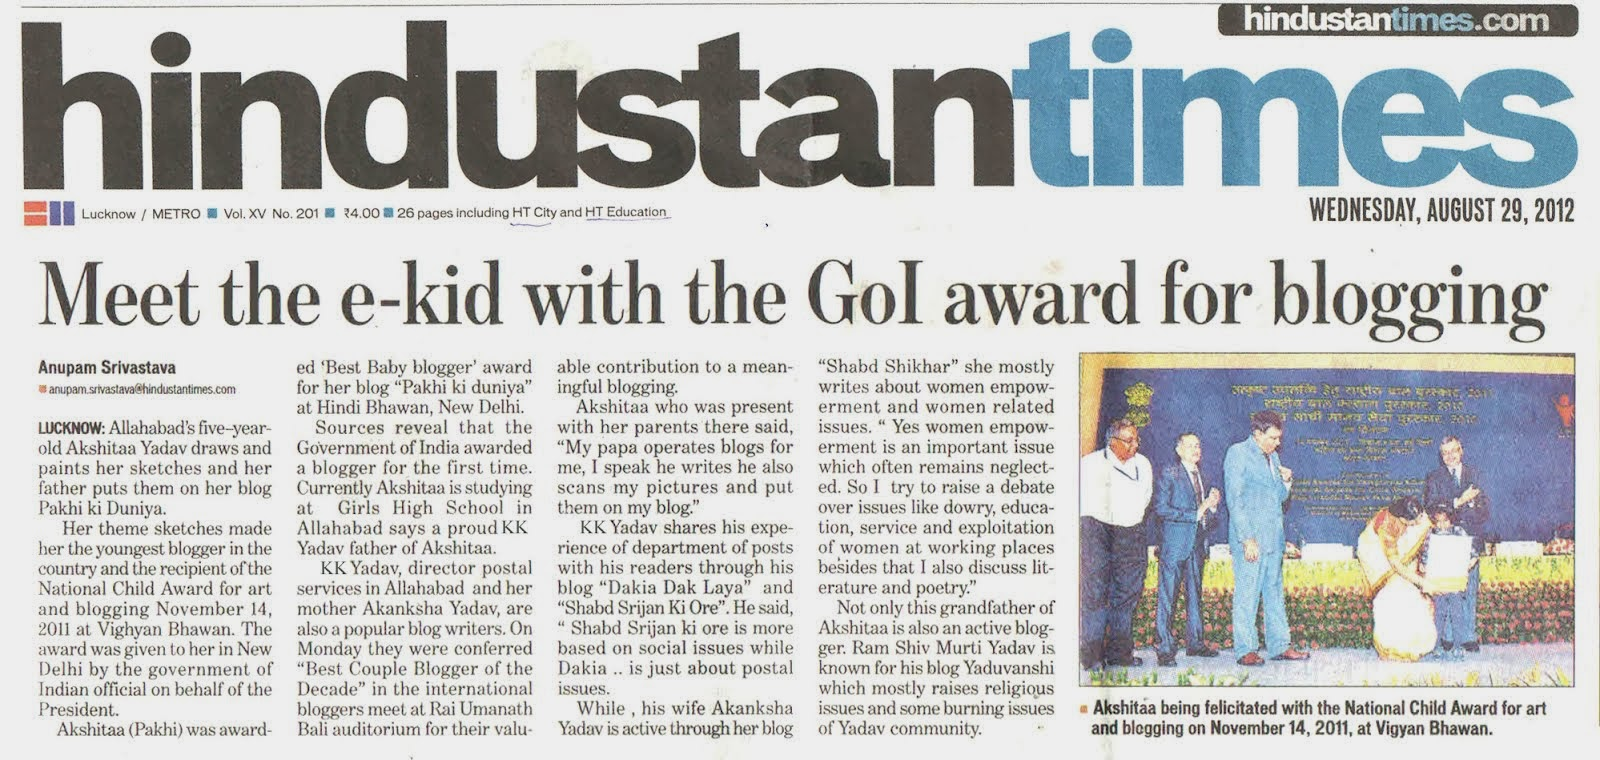 Hindustan Times : e-Kid Akshitaa